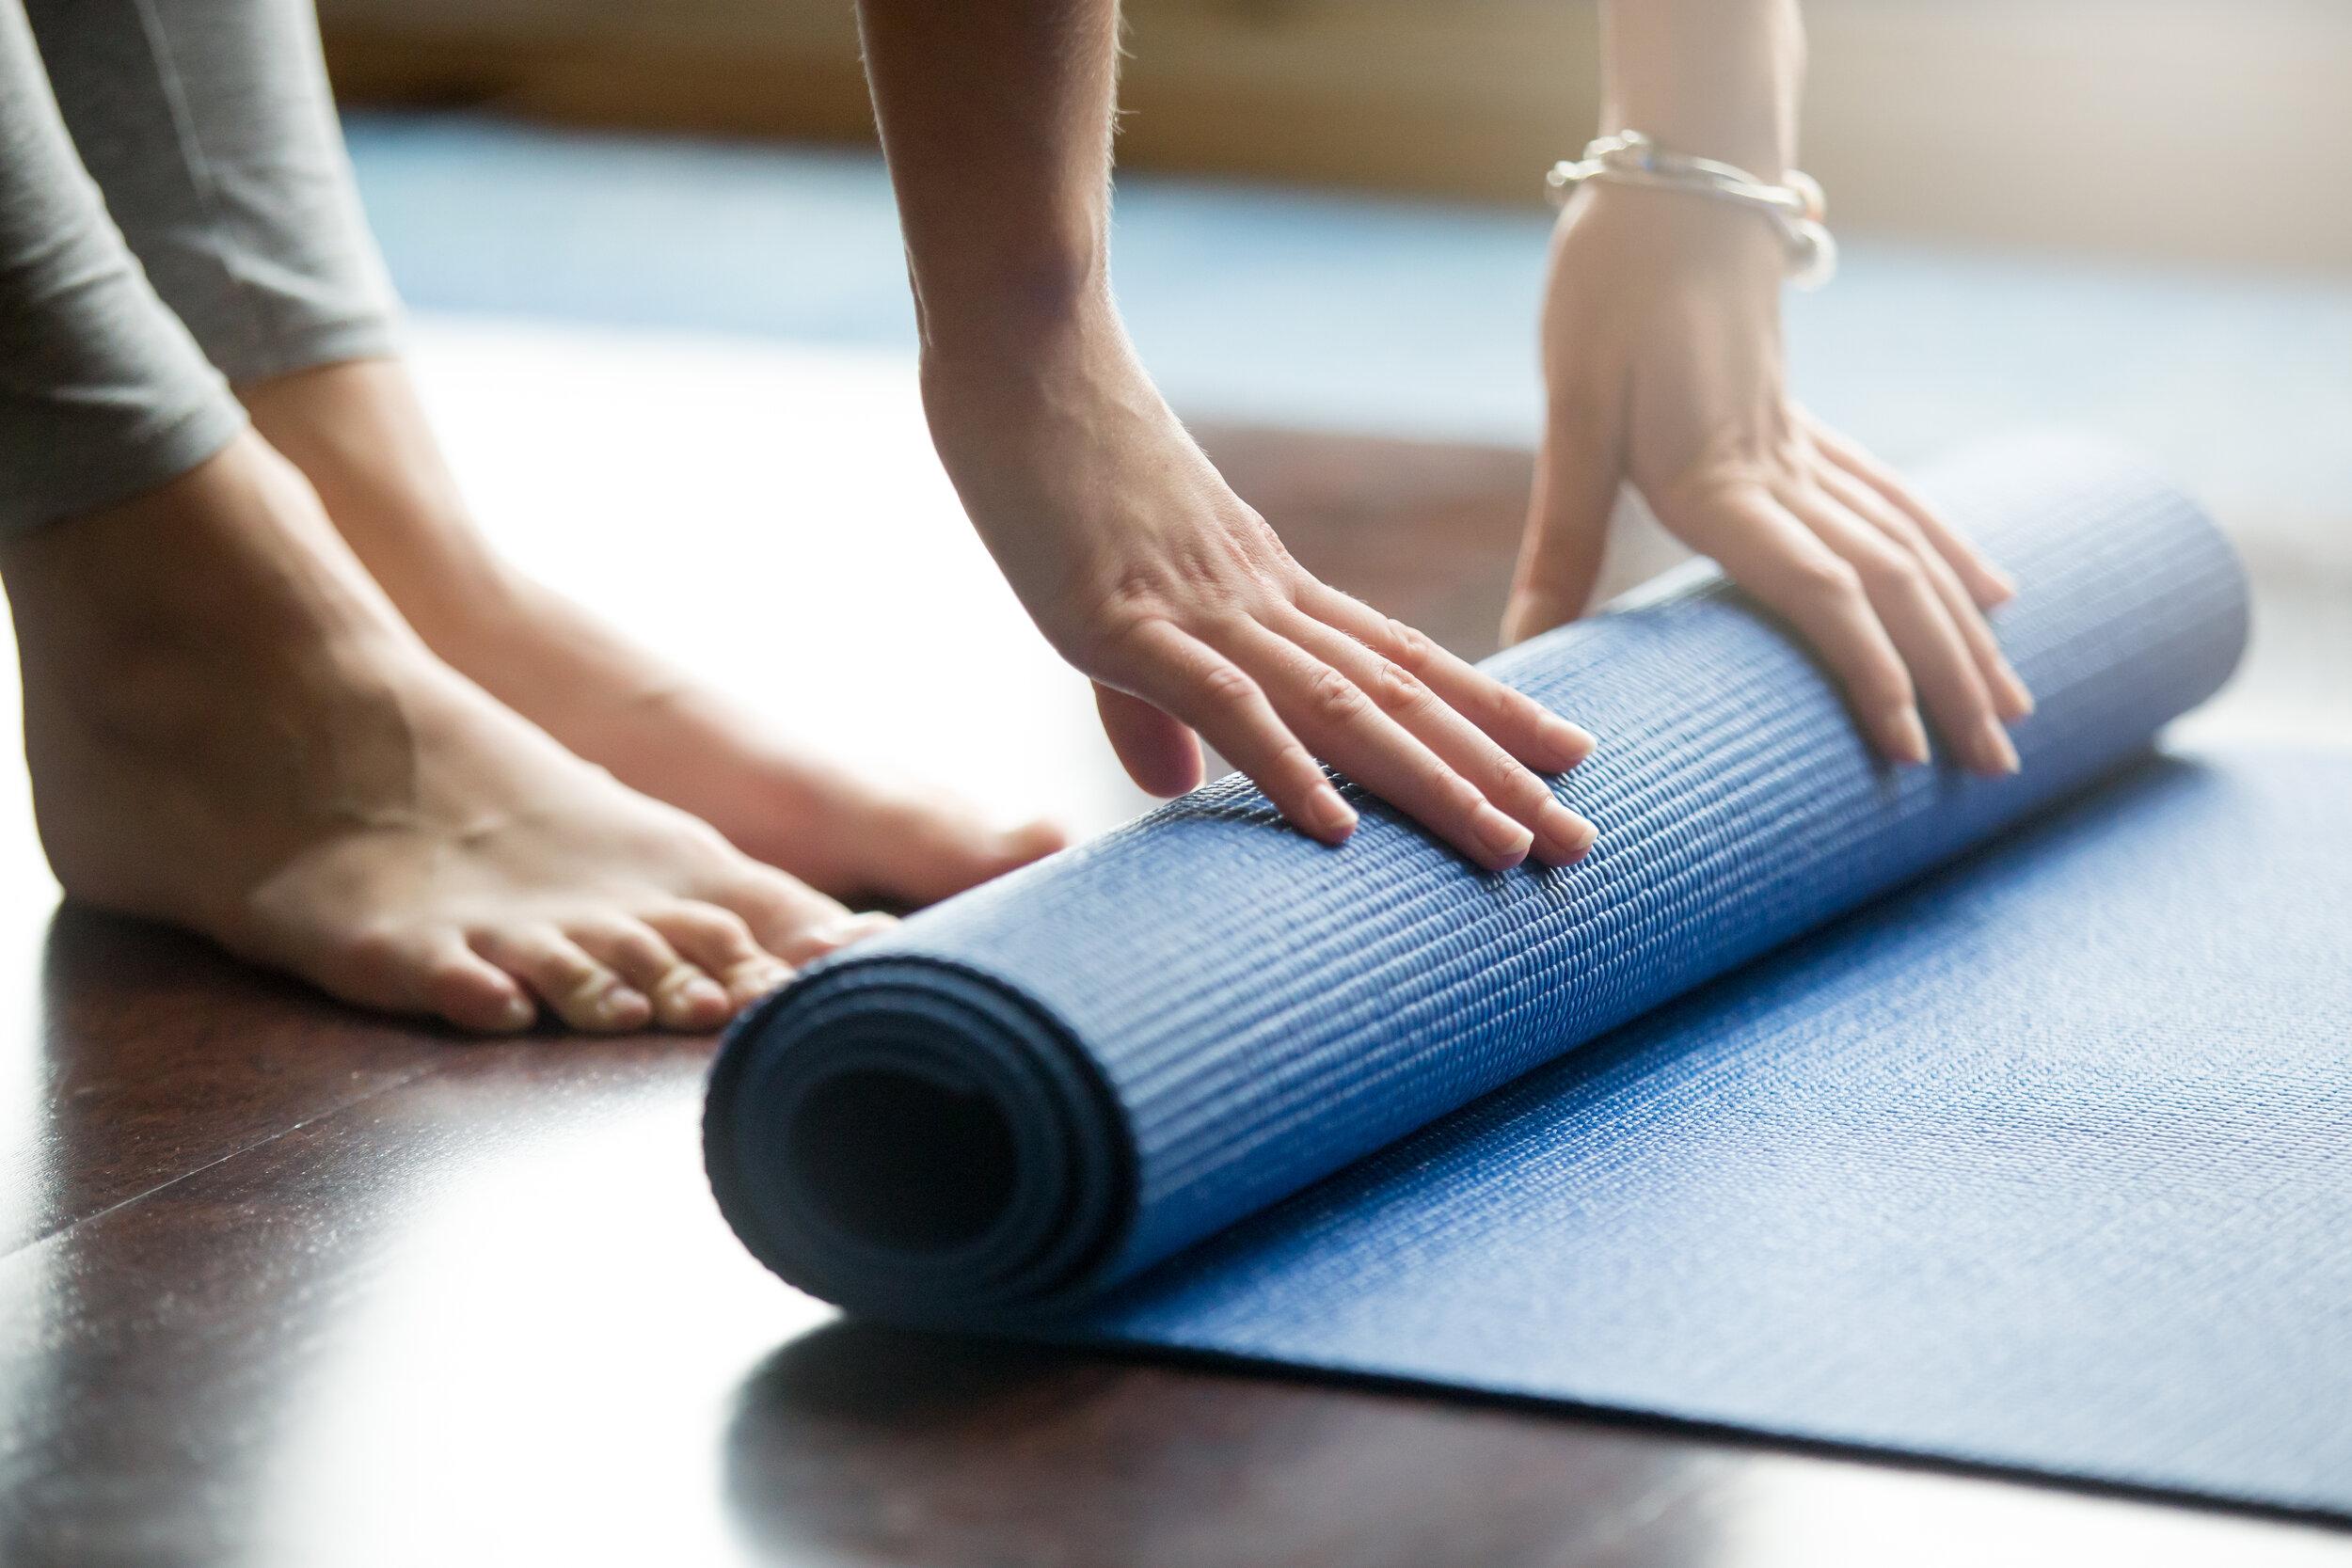 yoga mat roll out.jpg